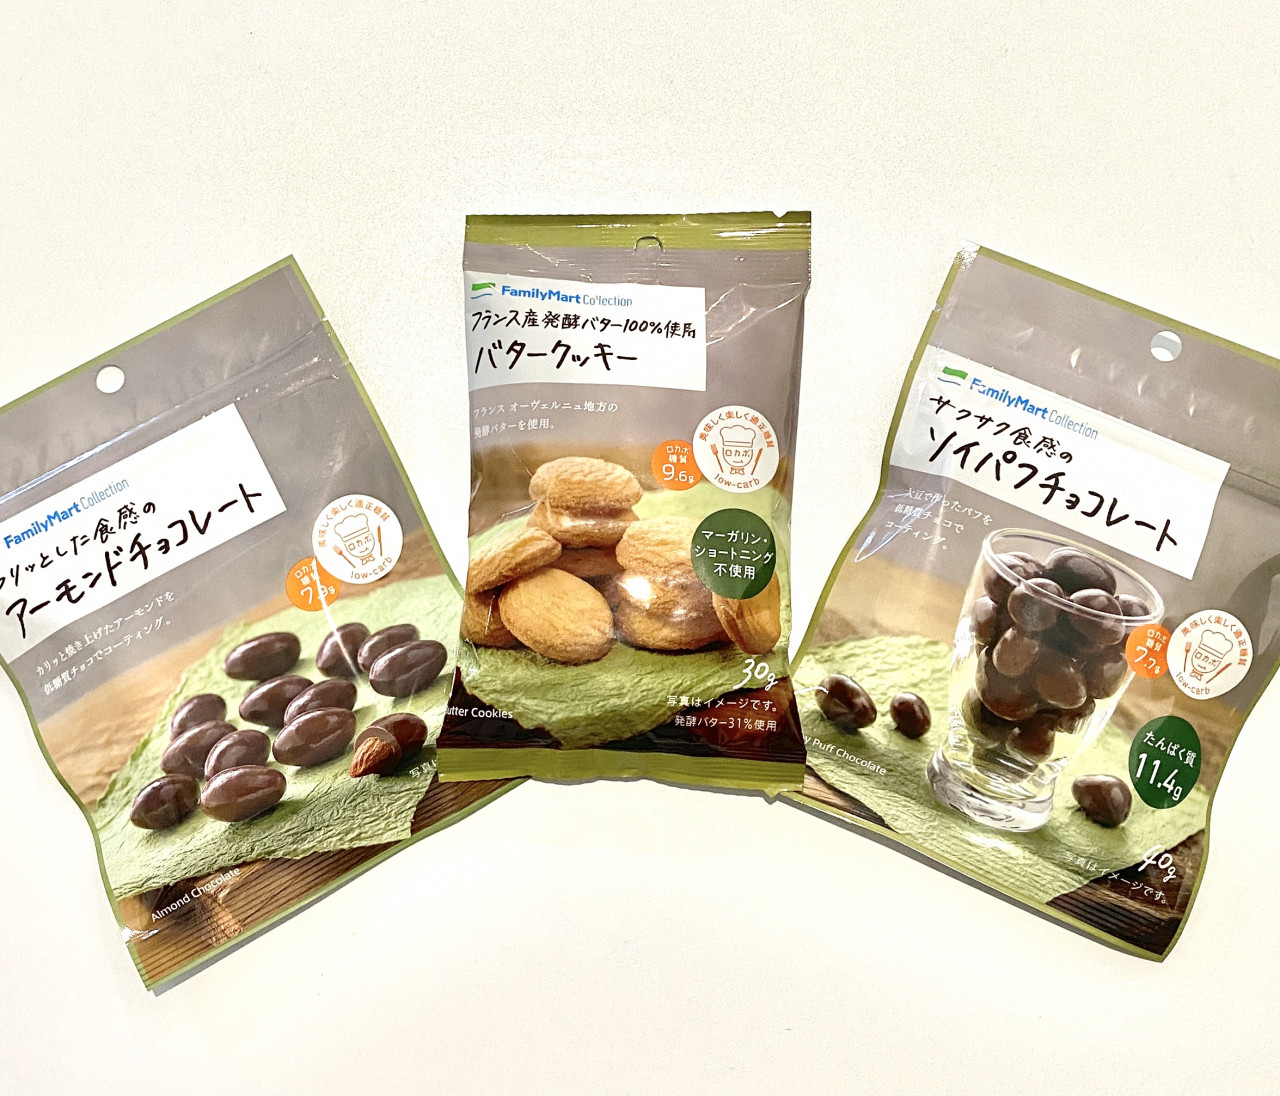 【ファミマ】新発売のロカボお菓子3選!ダイエット中のおやつも低糖質で罪悪感ナシ♡